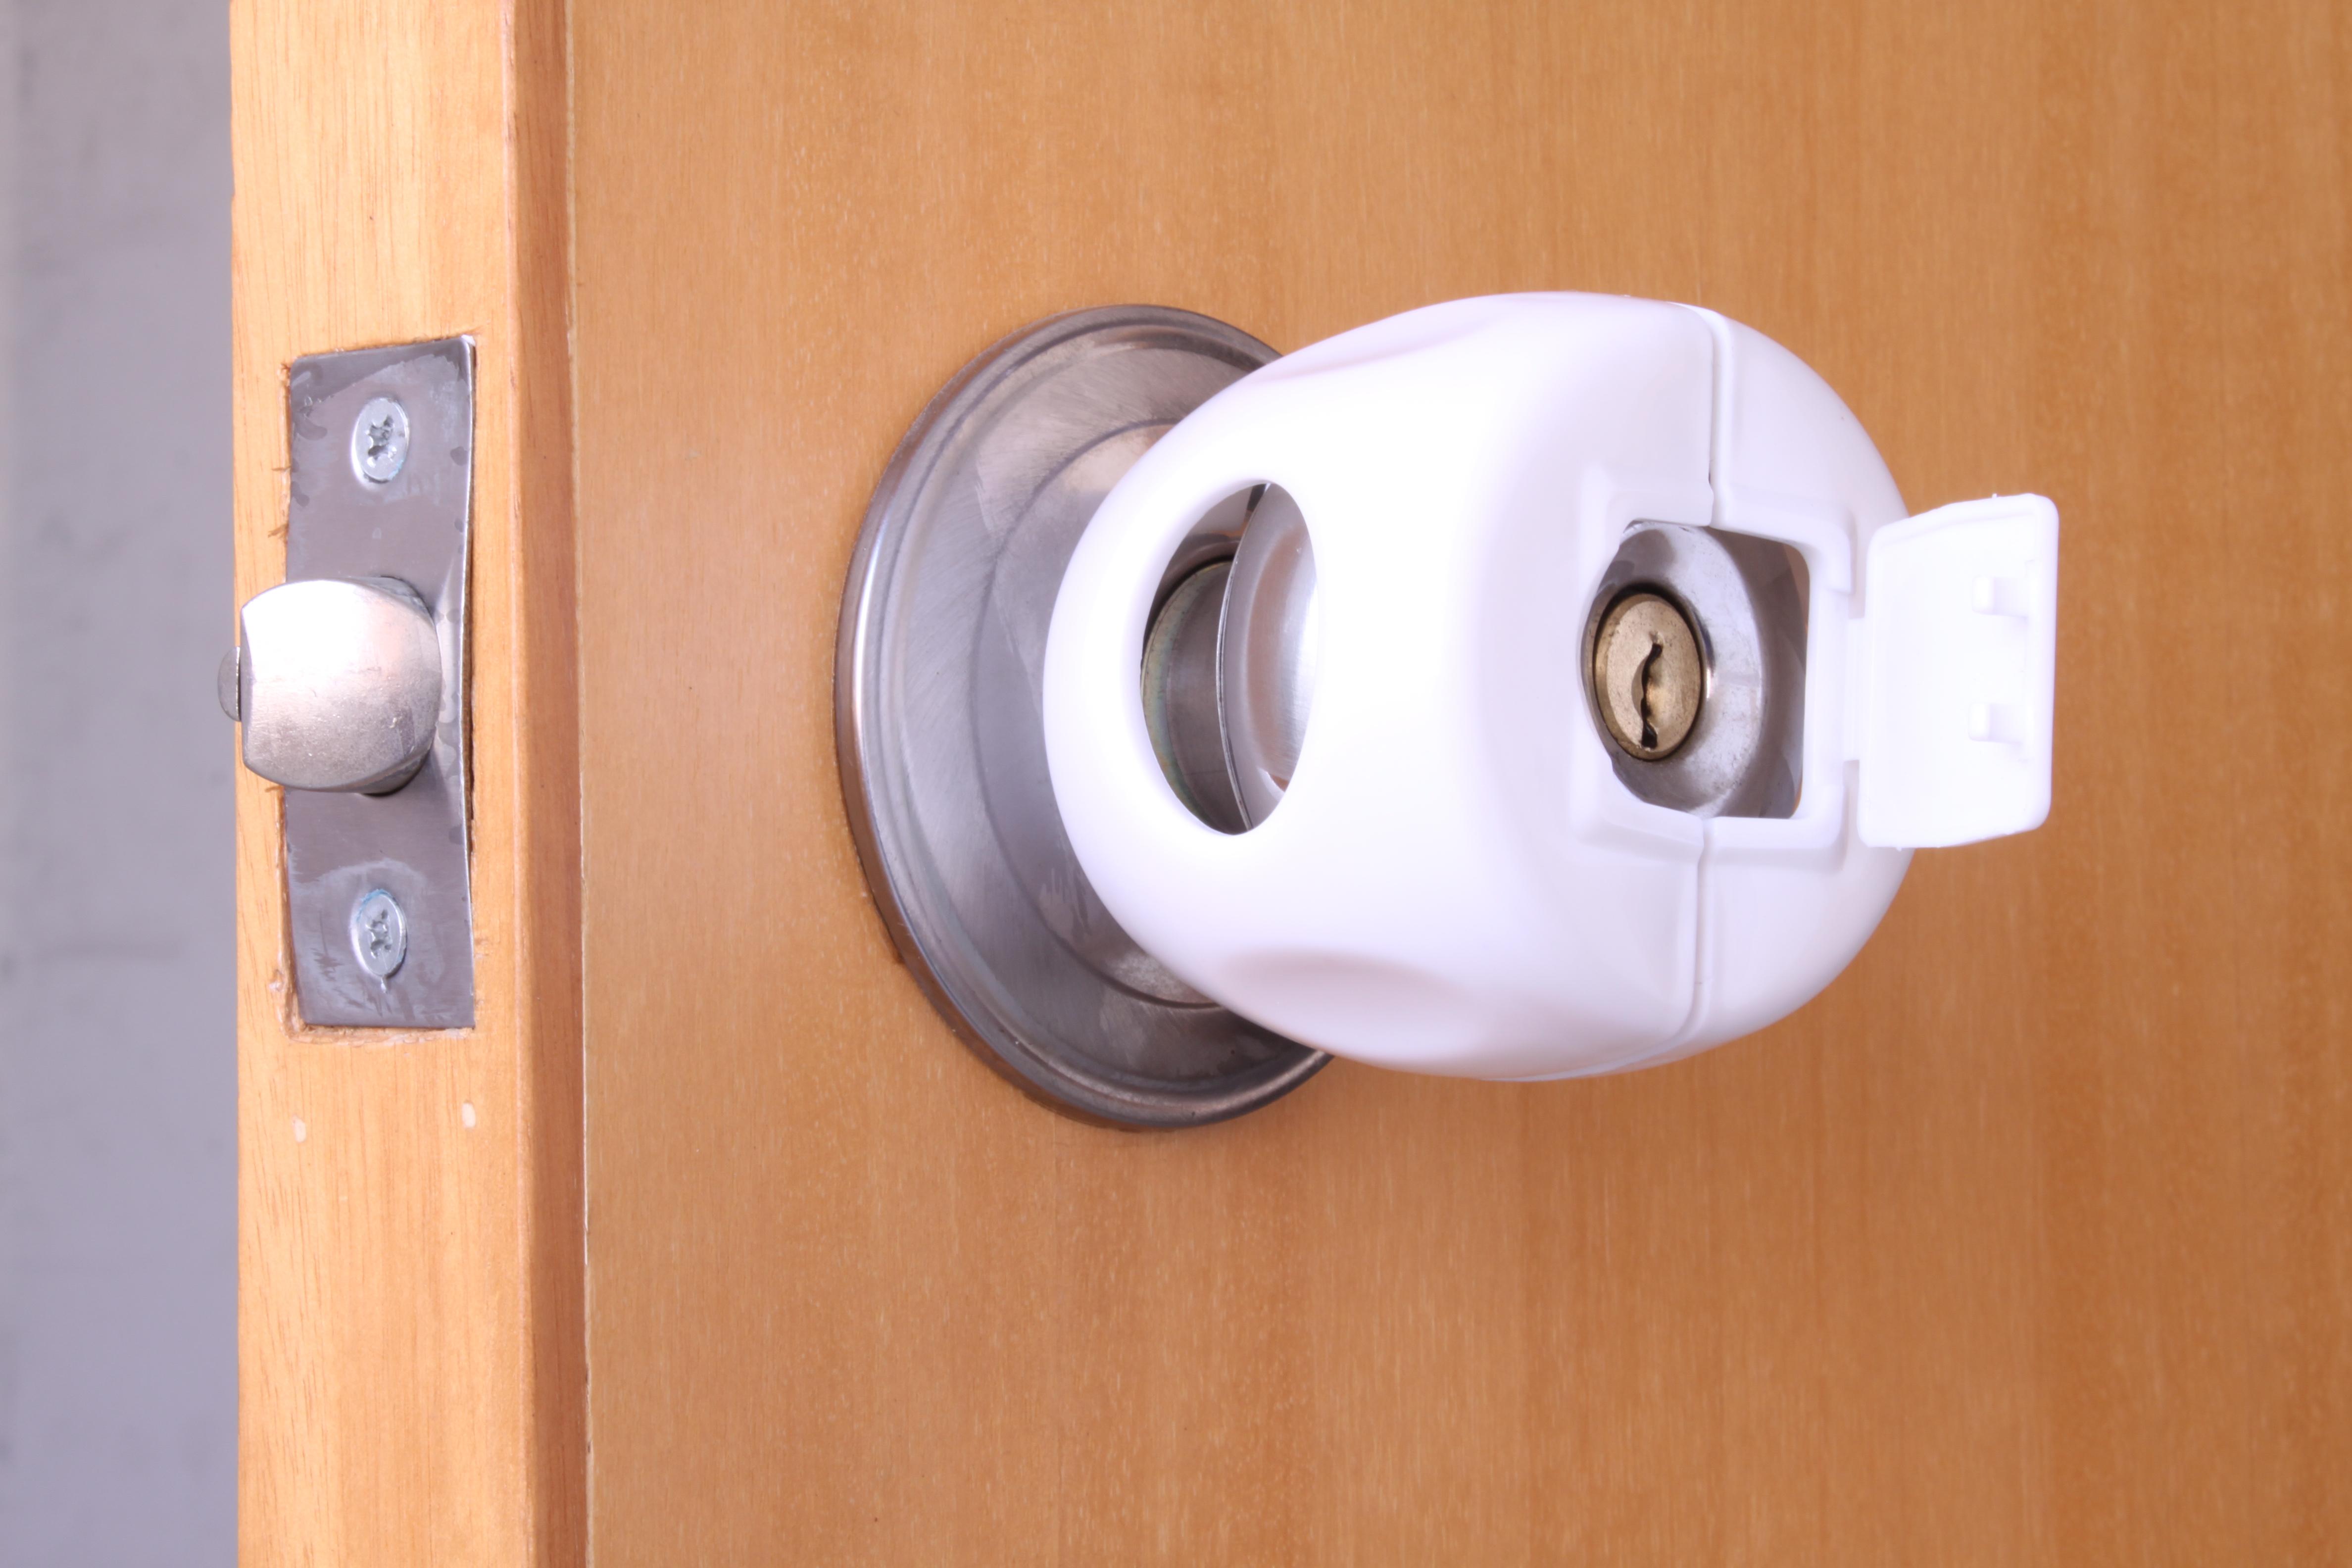 child safety door knobs photo - 15